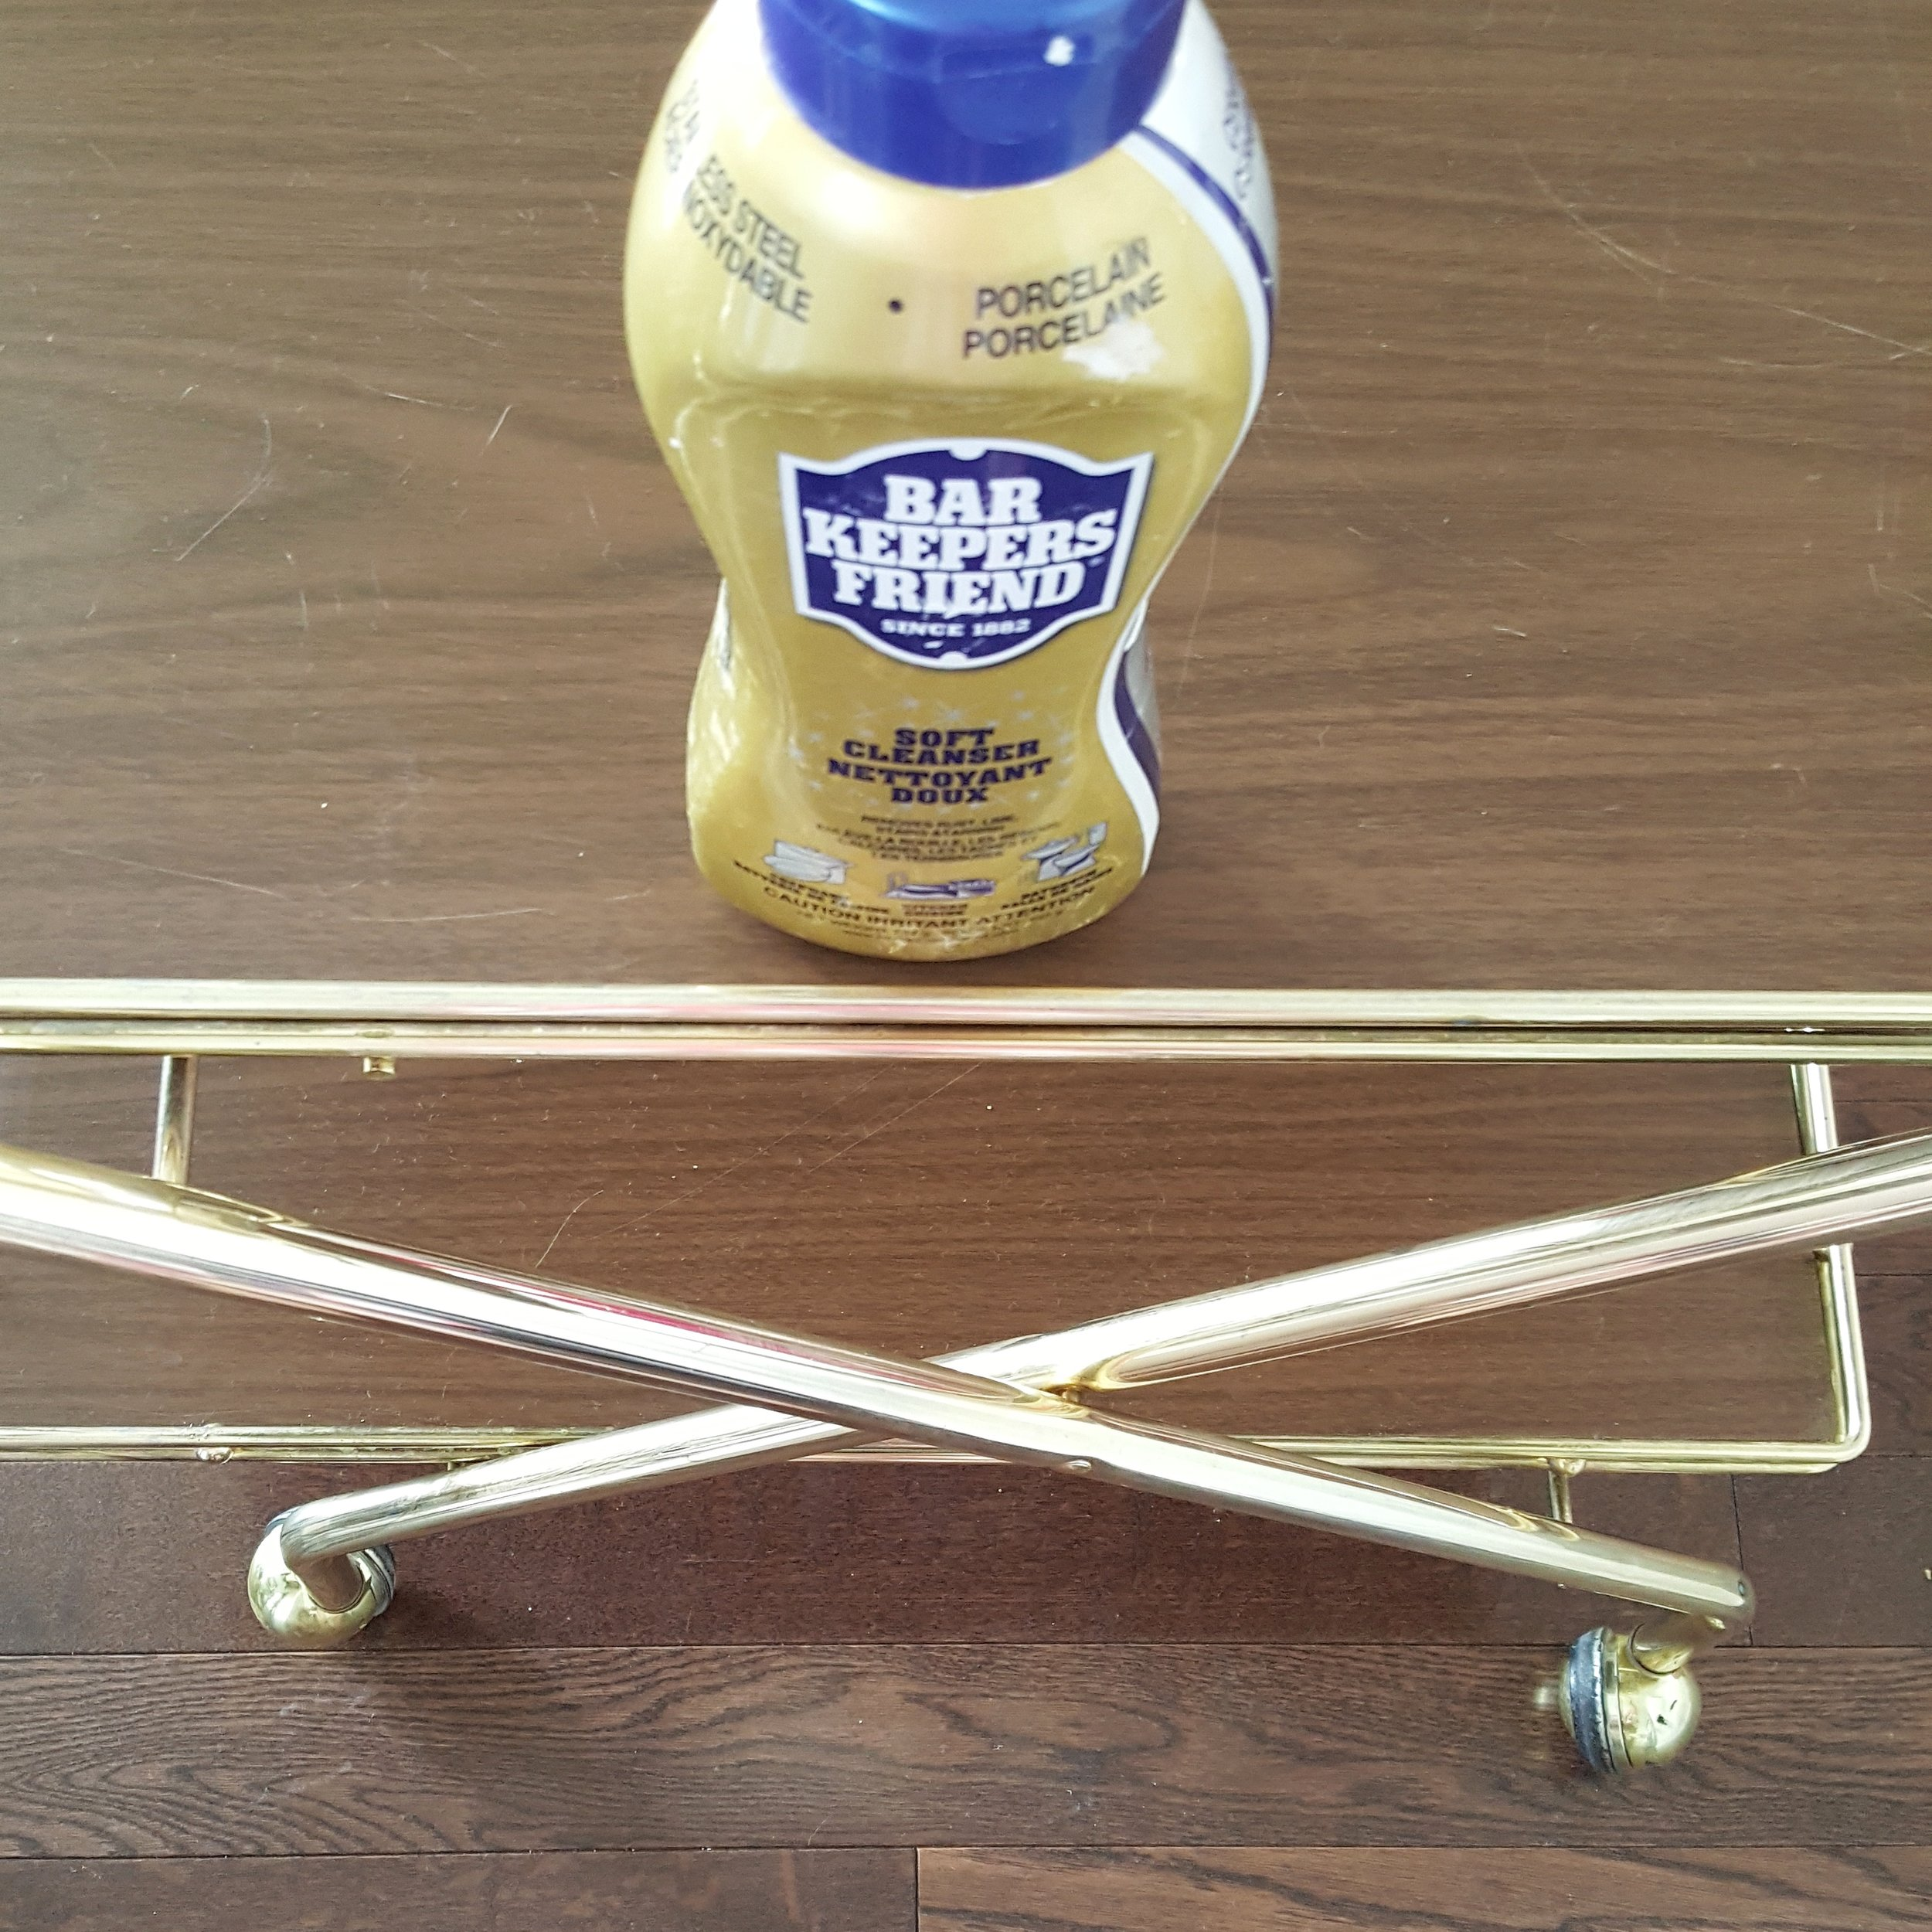 bar cart bar keepers friend.jpg